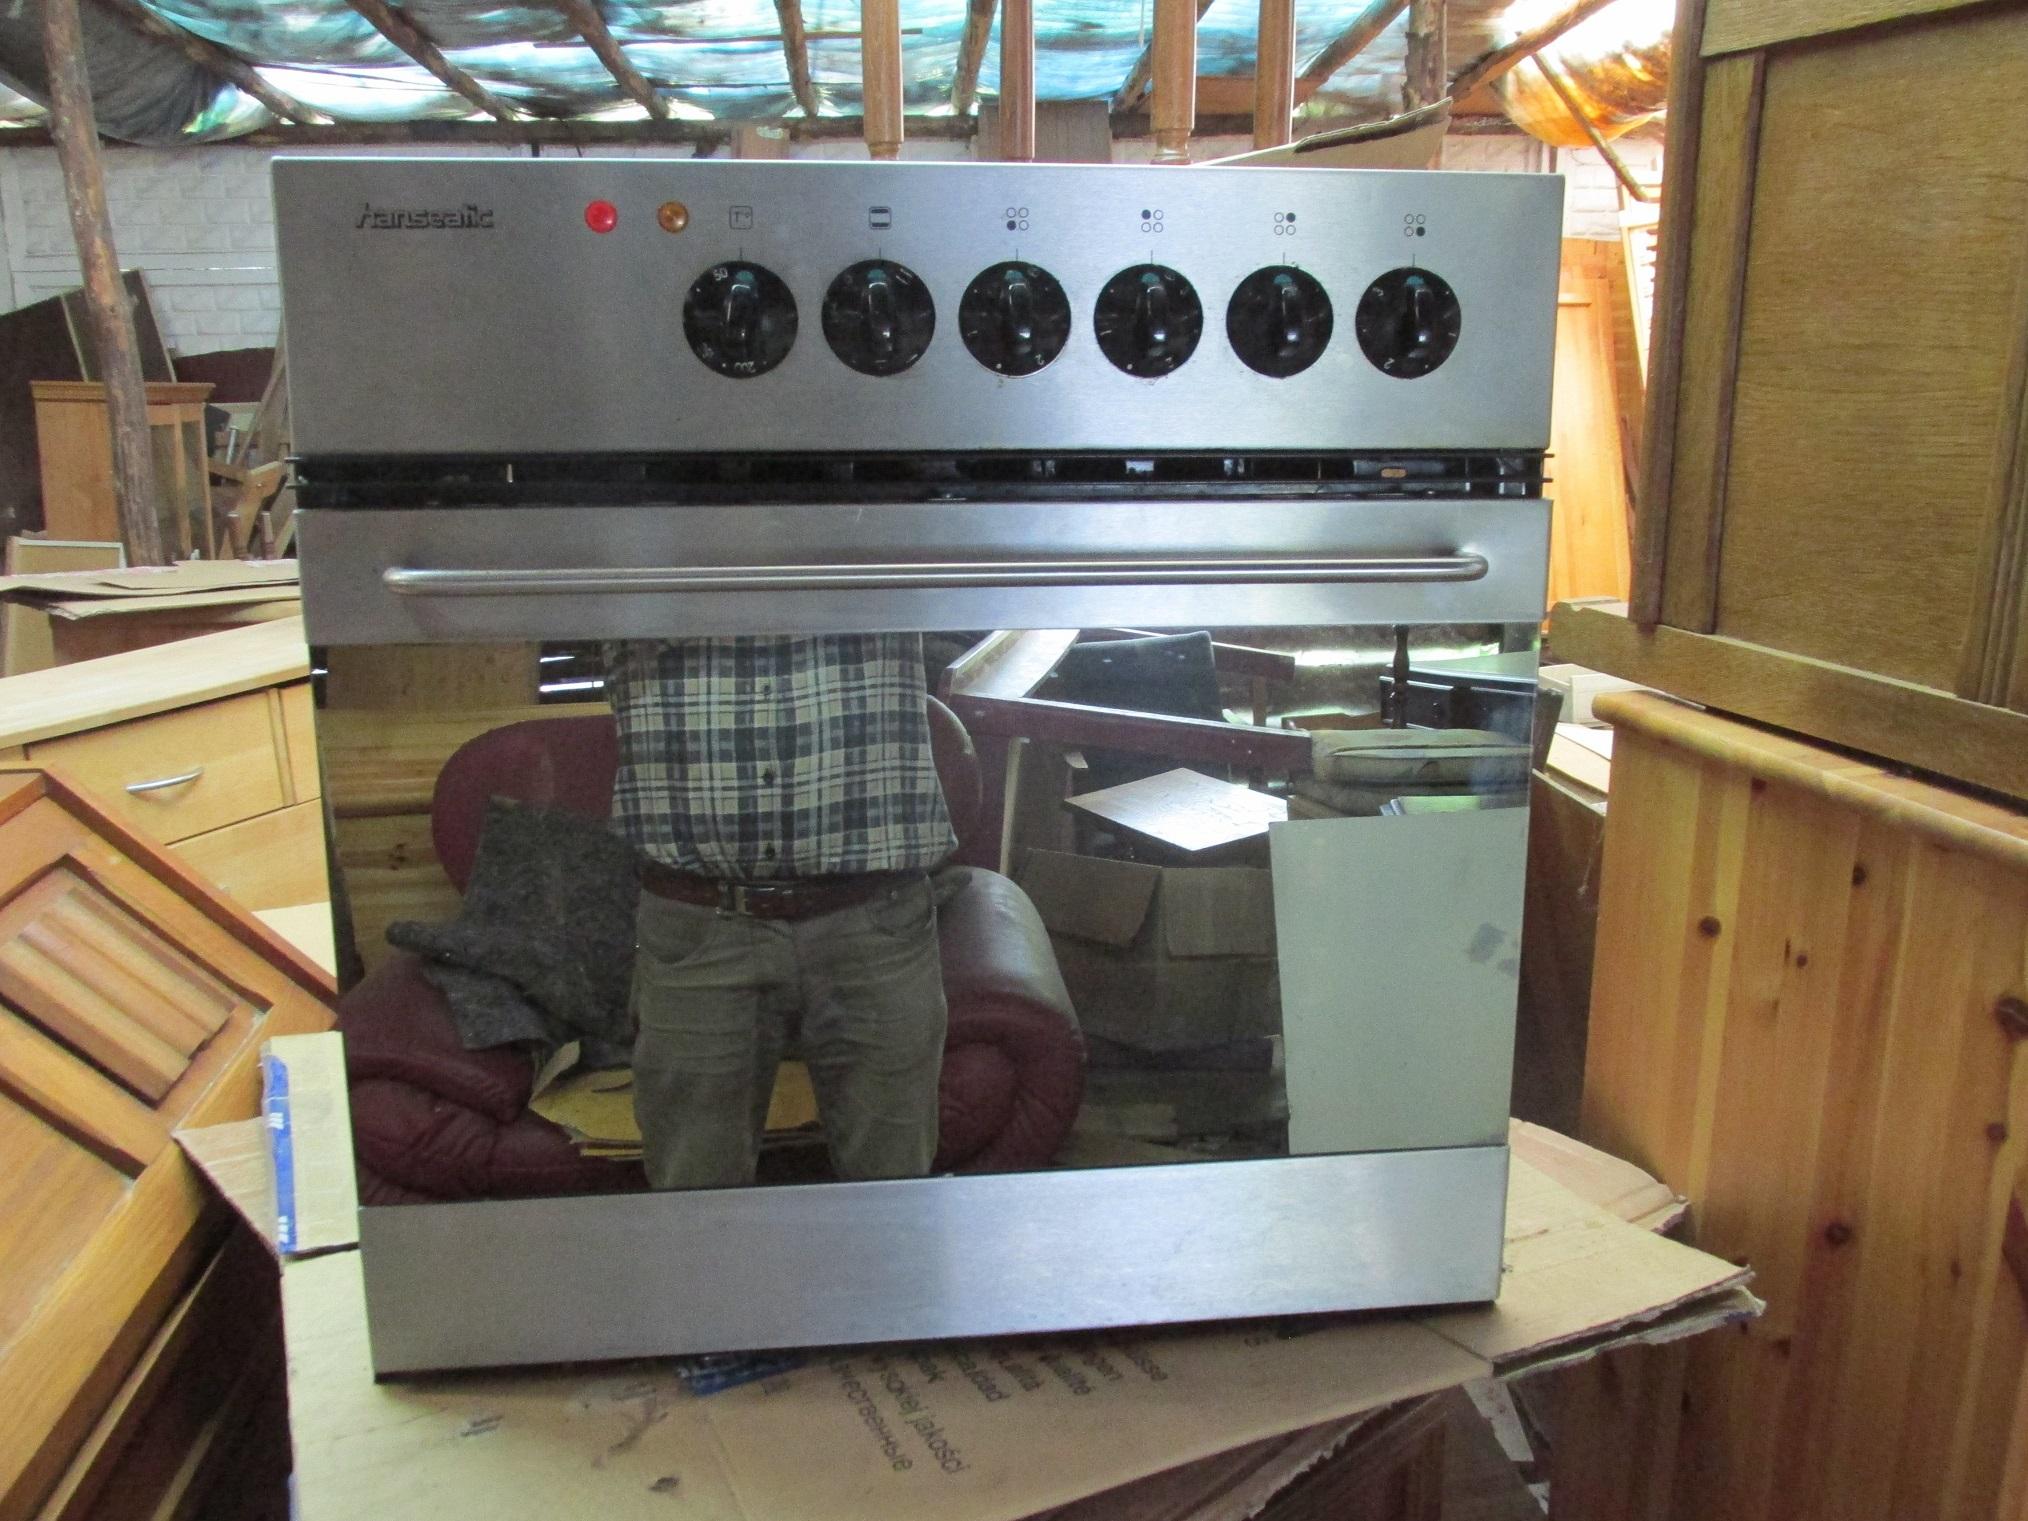 Kuchnia Elektryczna Do Zabudowy 7354425897 Oficjalne